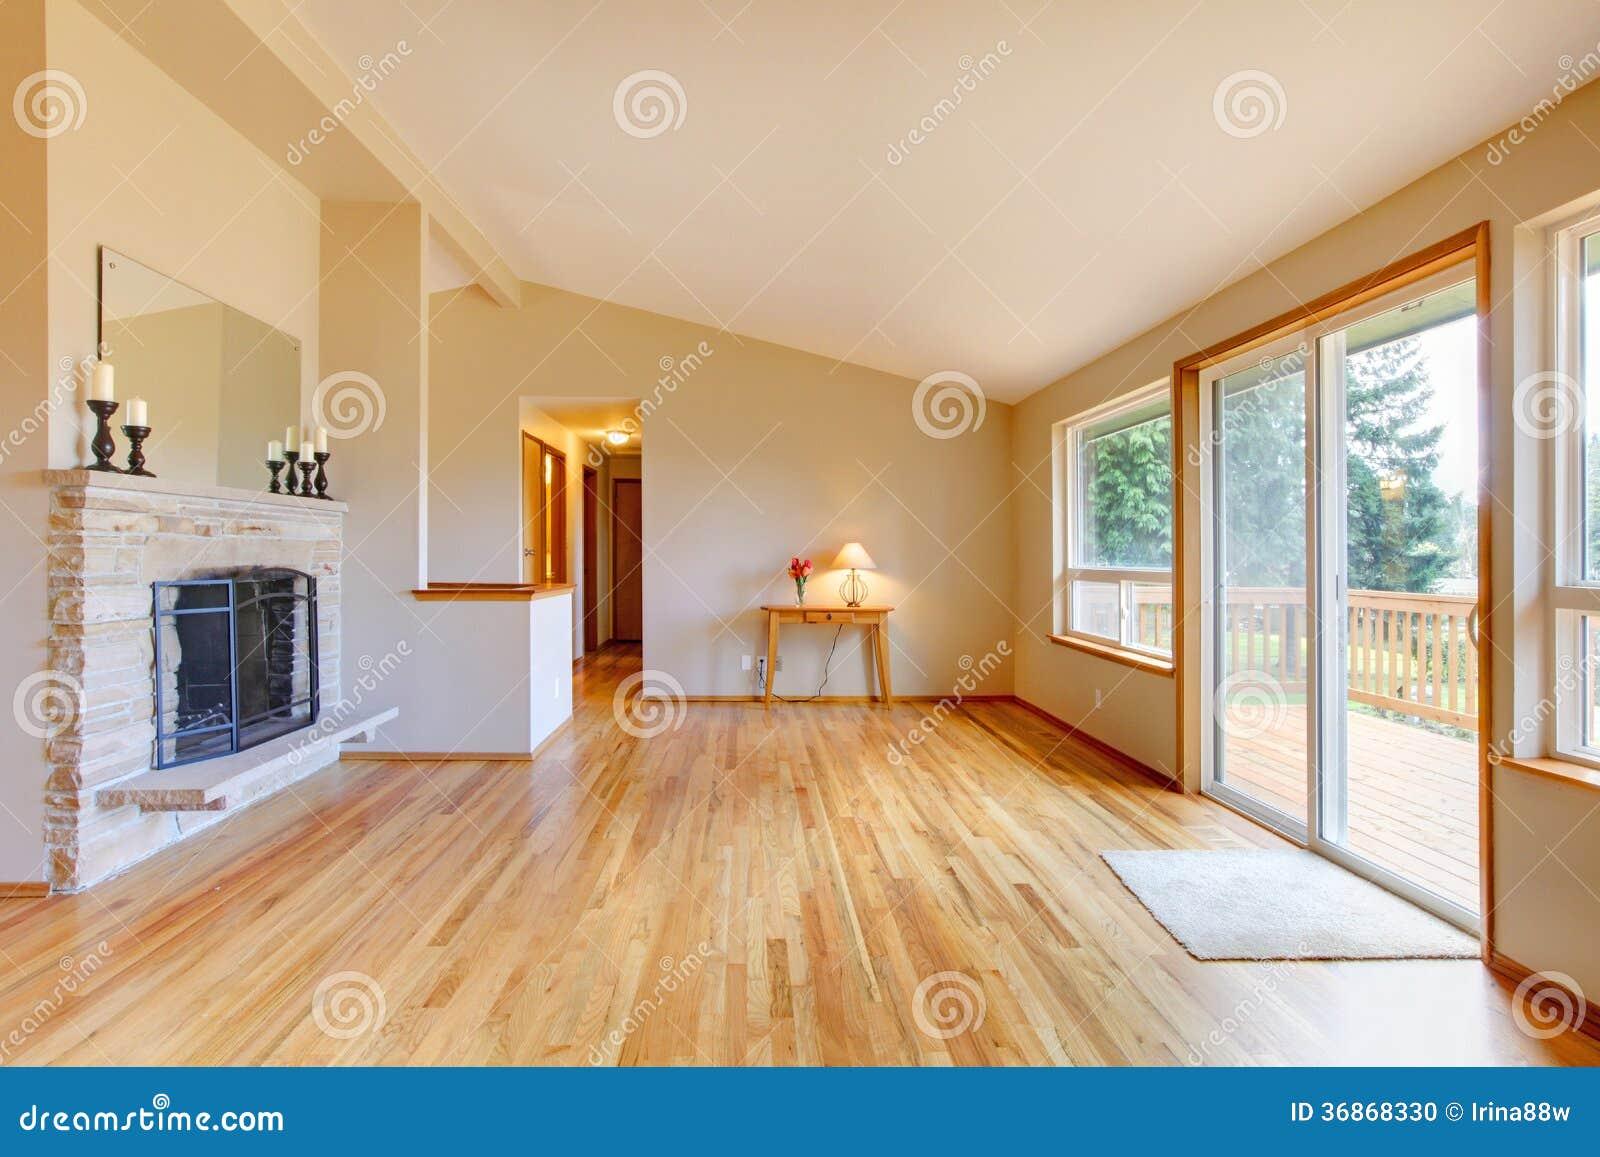 Wohnzimmer mit kamin einrichten – dumss.com